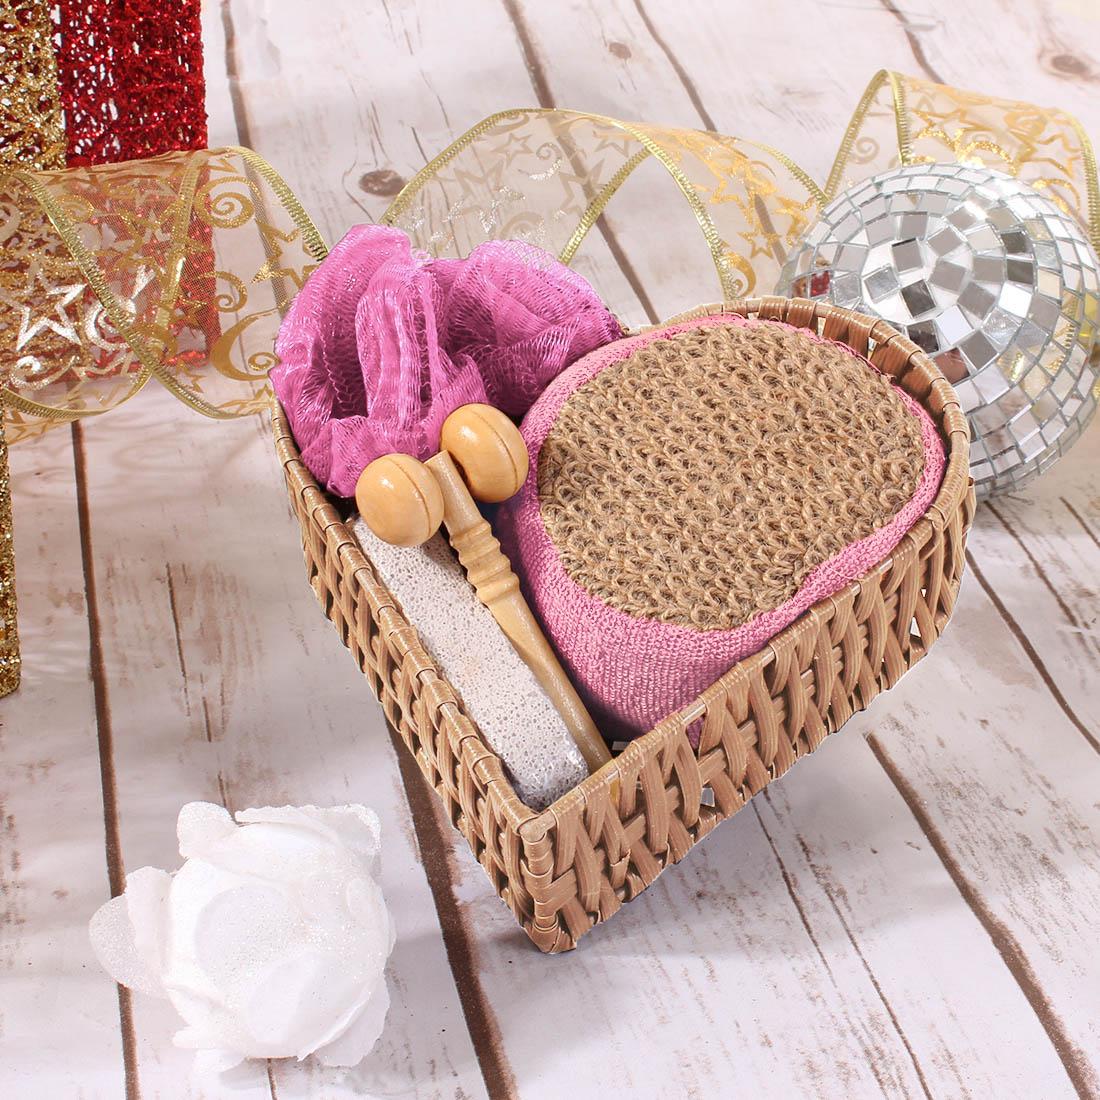 купить {} Eleganta Набор для ванной Nic Цвет: Розовый (Универсальный) по цене 550 рублей